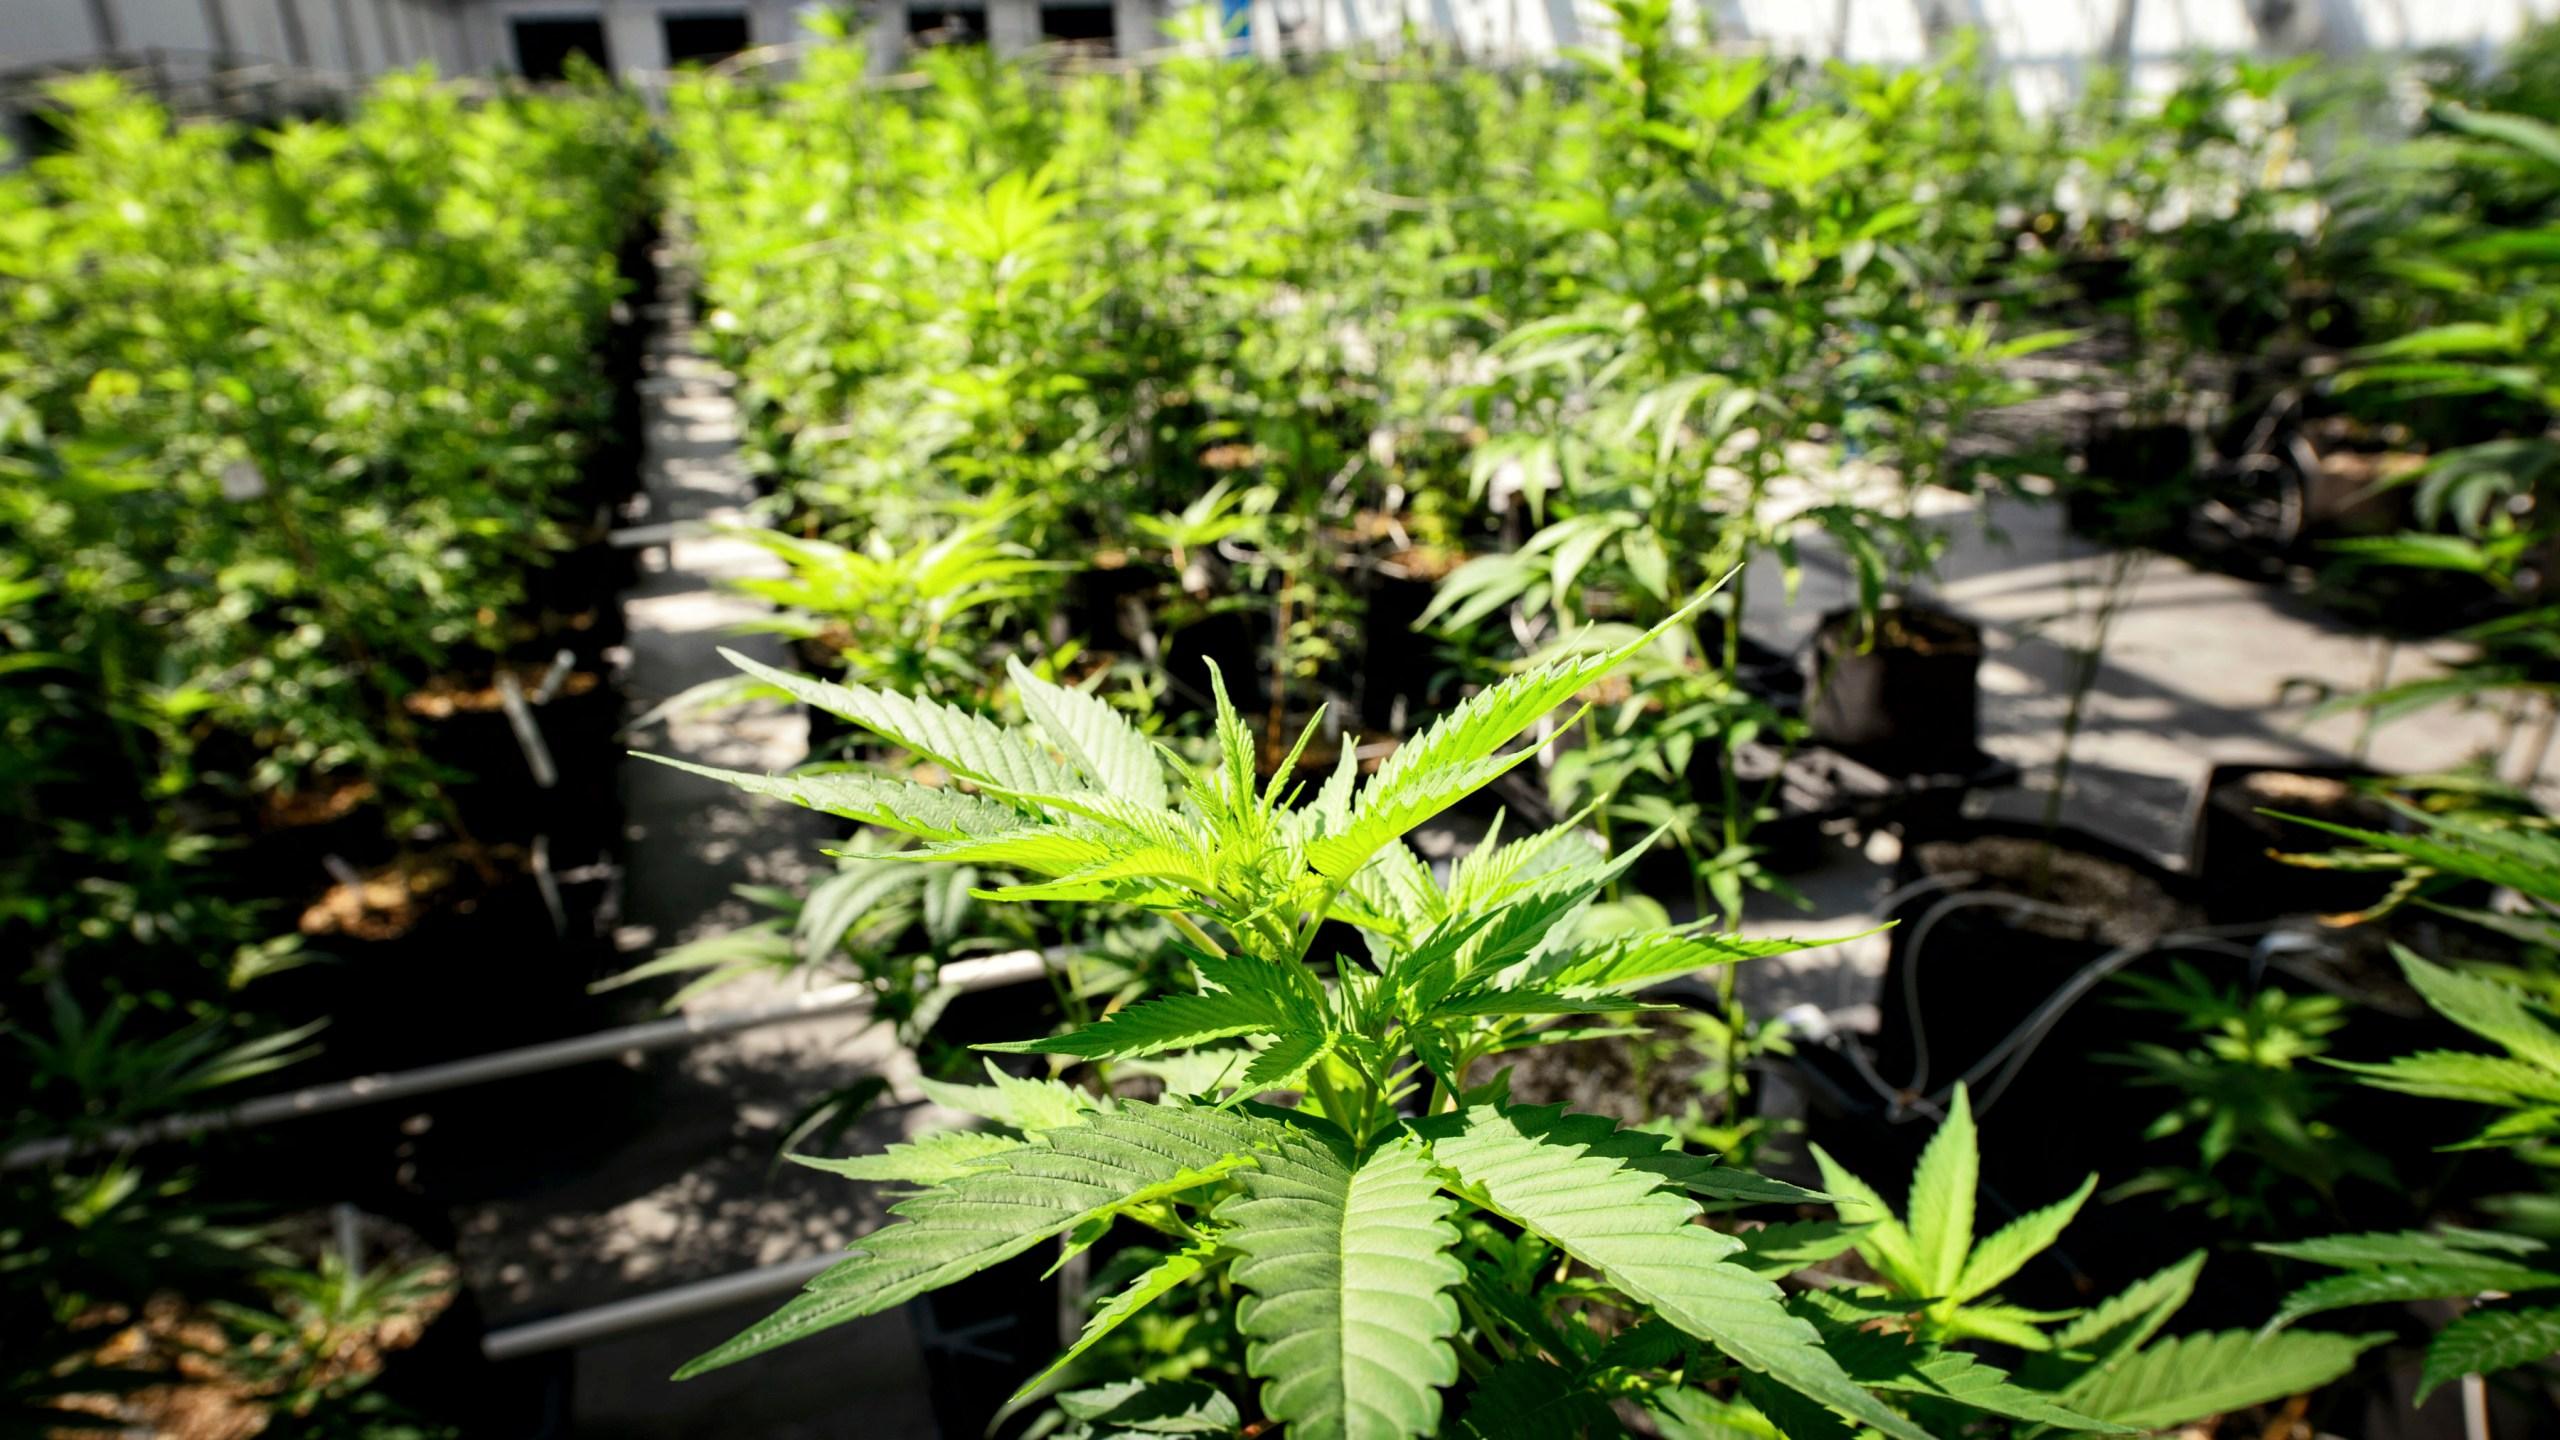 Marijuana_Social_Justice_71647-159532.jpg29691349